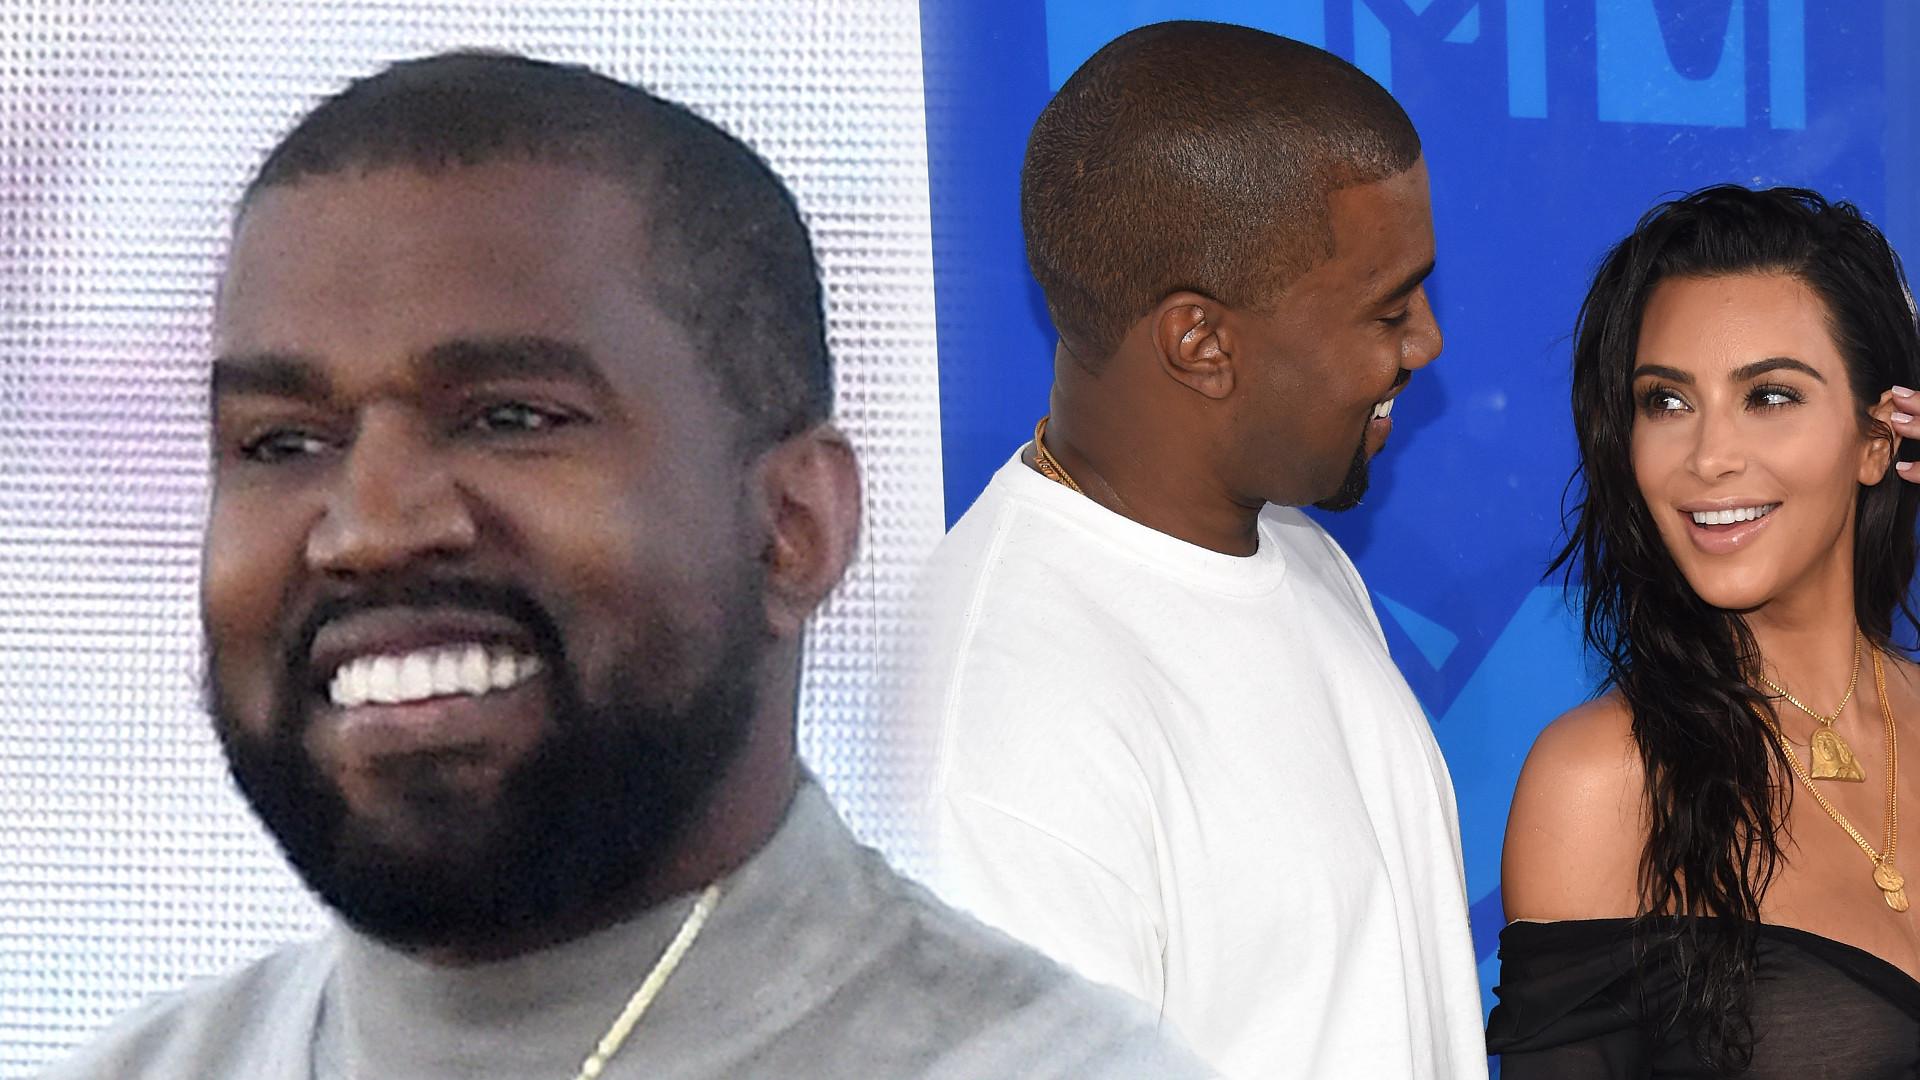 Kanye West zmienia IMIĘ – złożył już wniosek do sądu